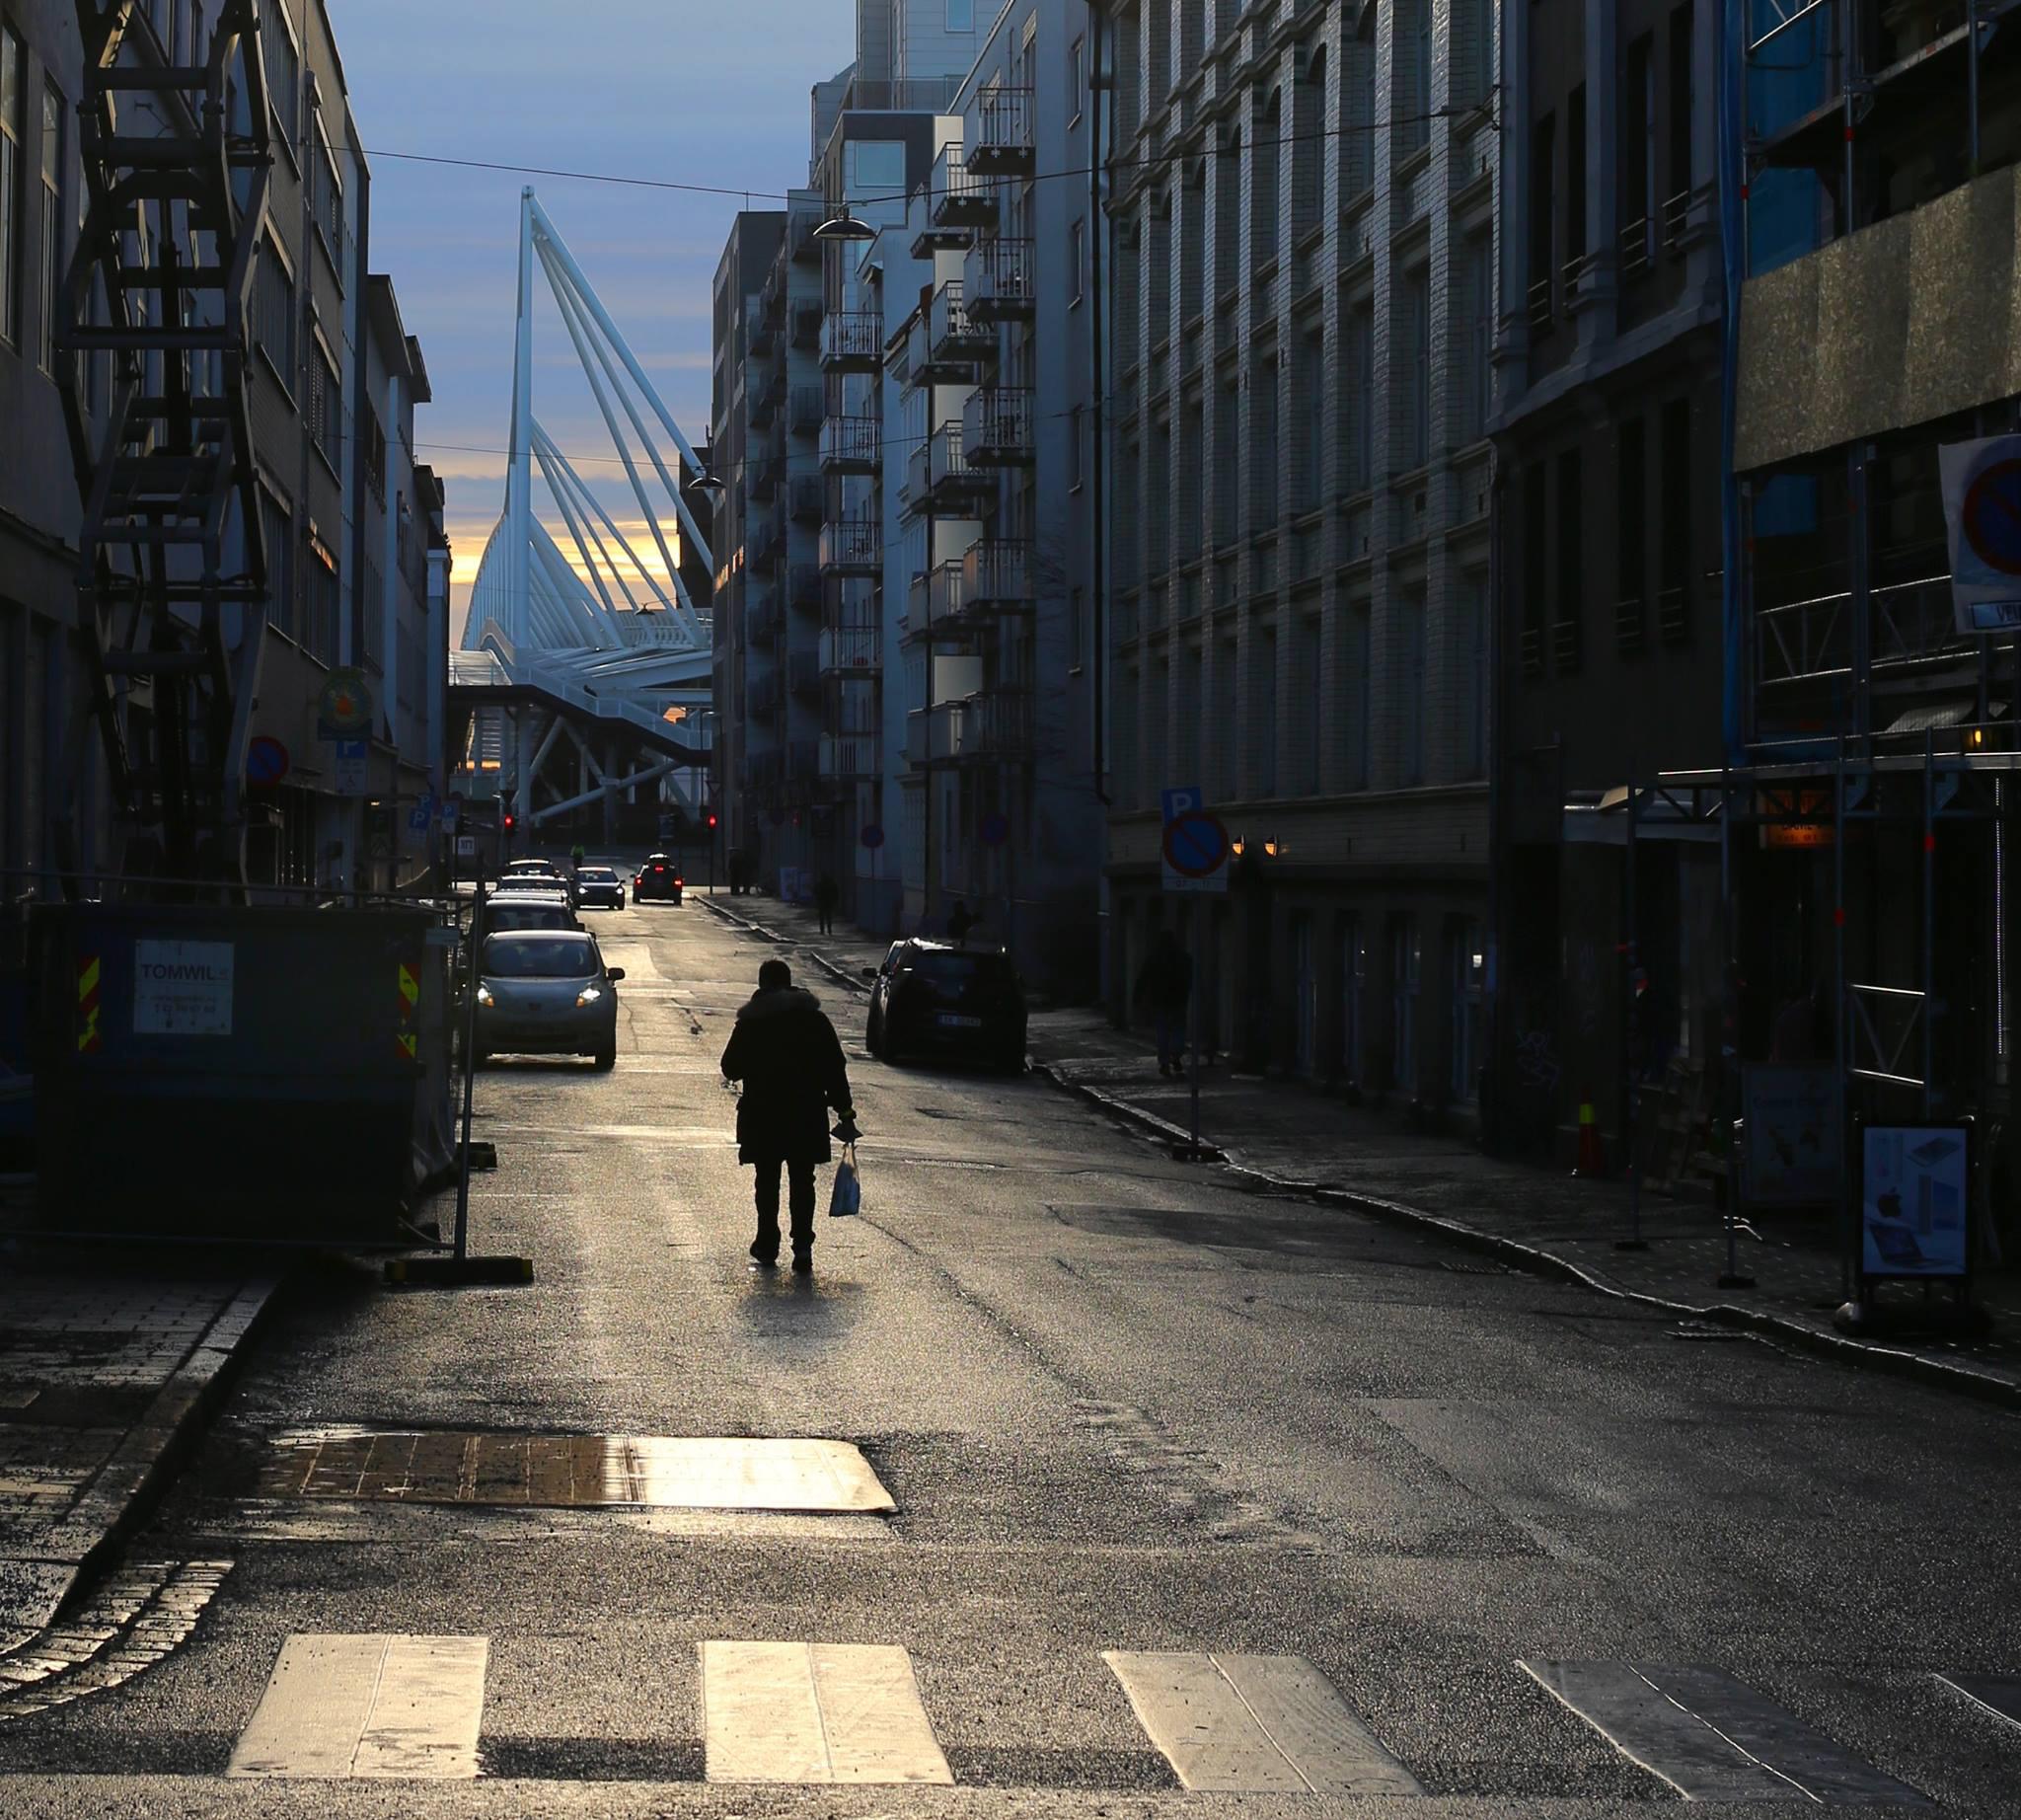 Gatefoto (Merethe Ruud)